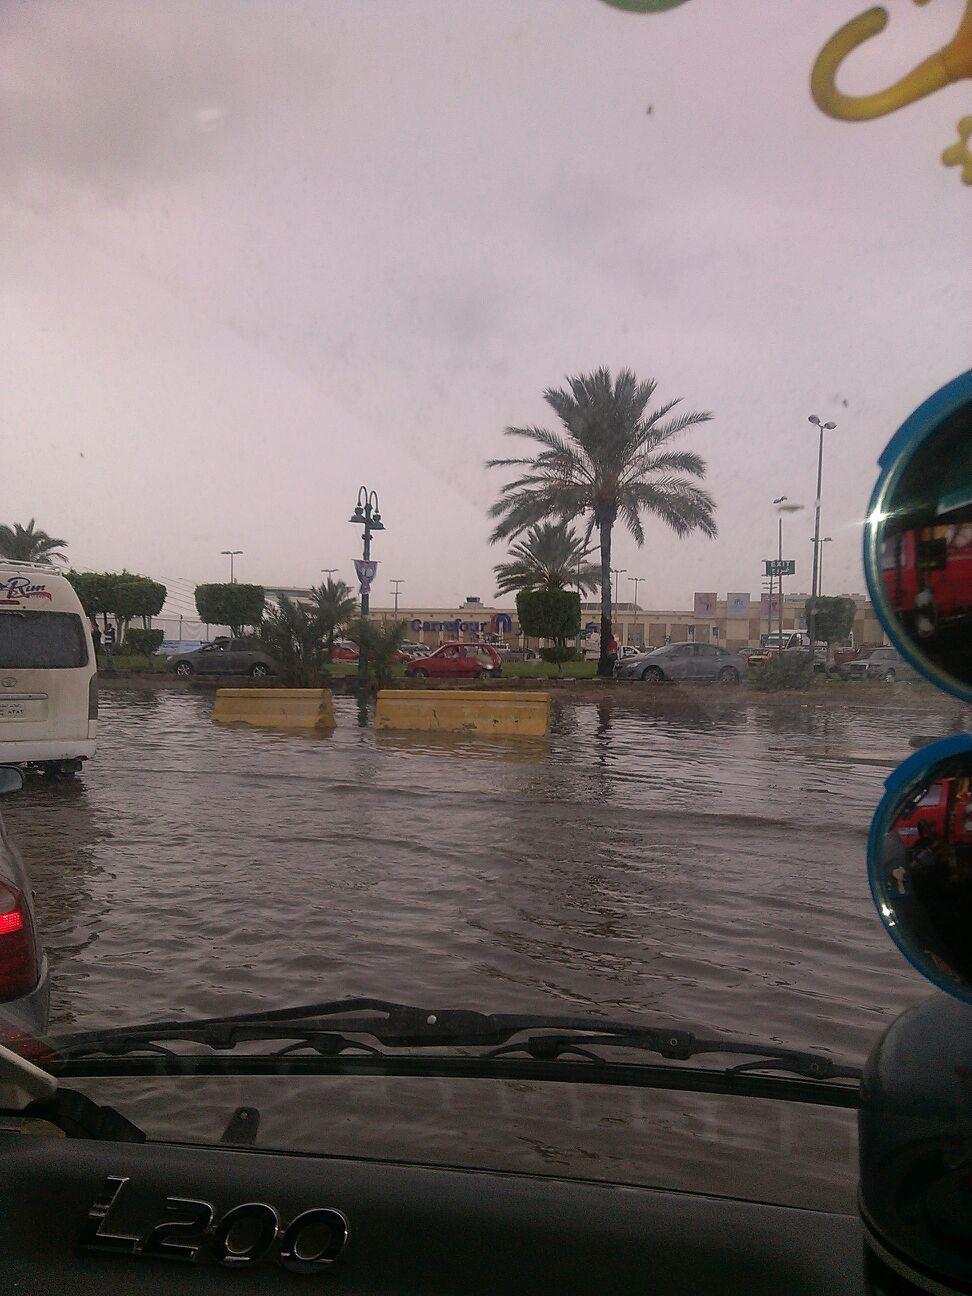 بالصور.. غرق الطرق أمام كارفور بالإسكندرية